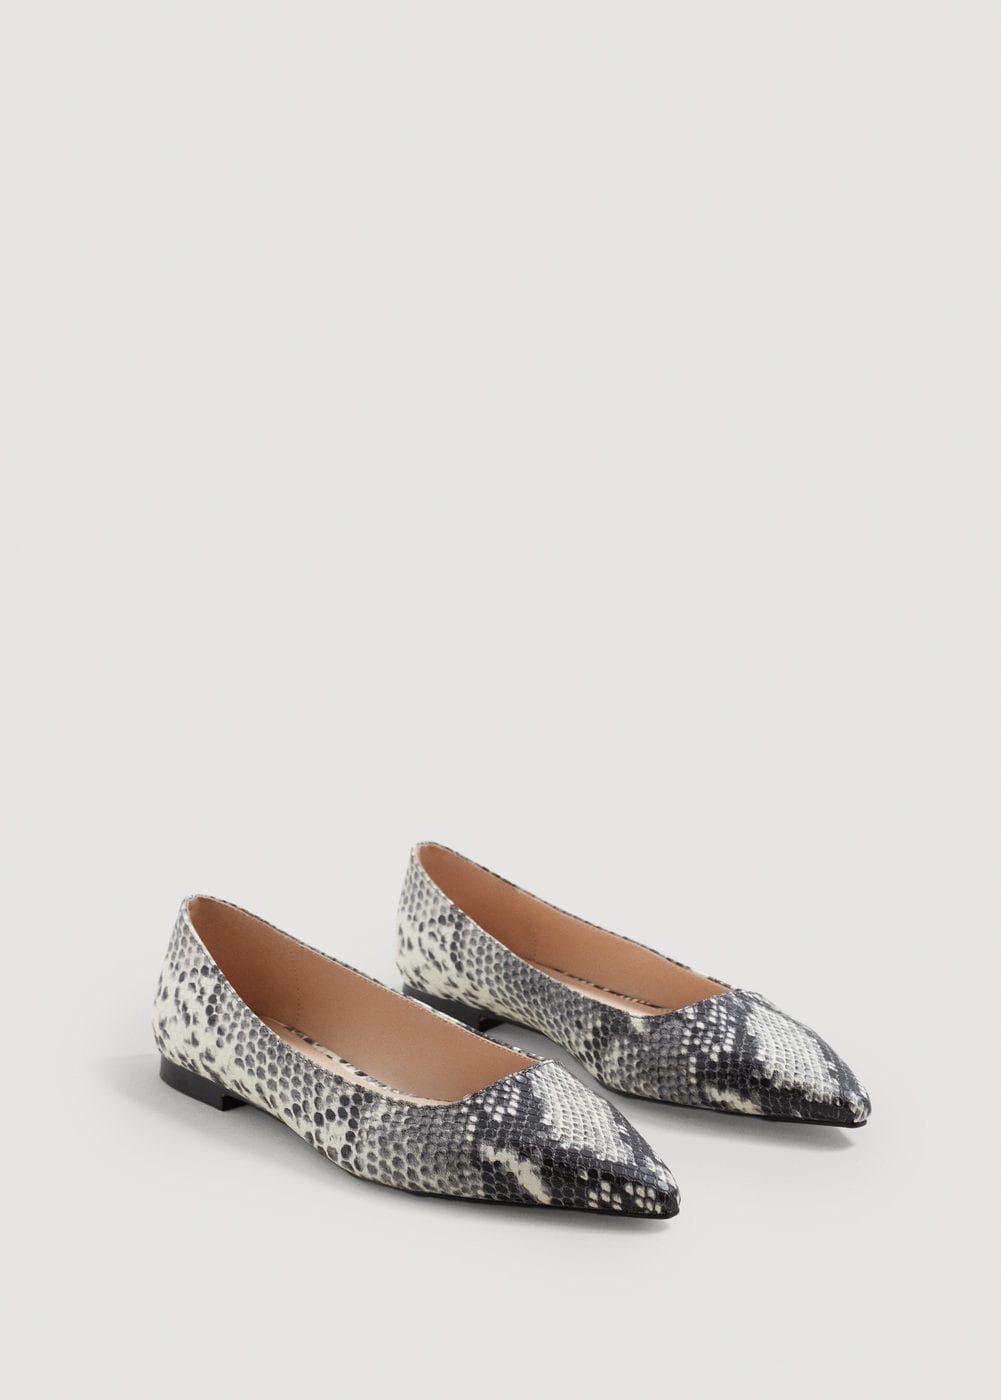 1ea4fac9 Zapato plano efecto serpiente - Zapatos de Mujer en 2019 | Compras ...